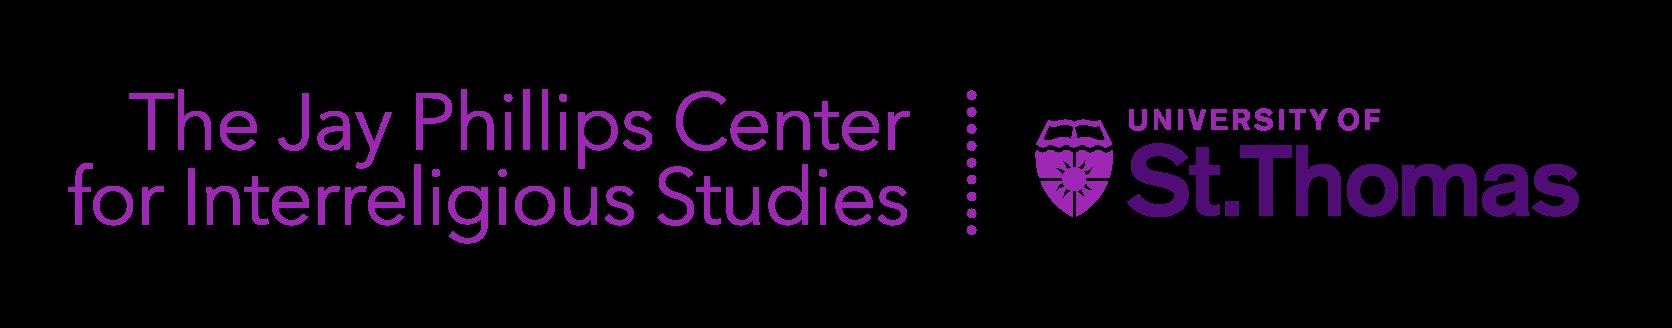 Jay Phillips Center for Interreligious Studies